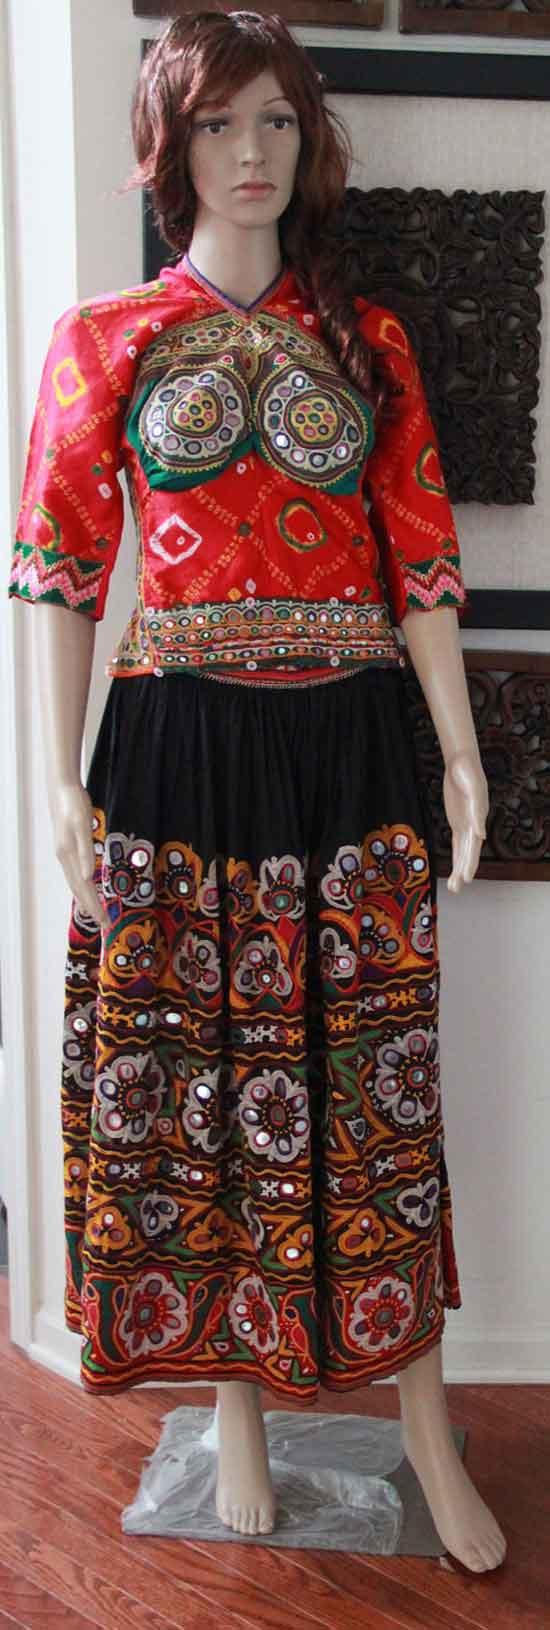 Original Rabari Style Ghagra Choli with Kutchi hand embroidery